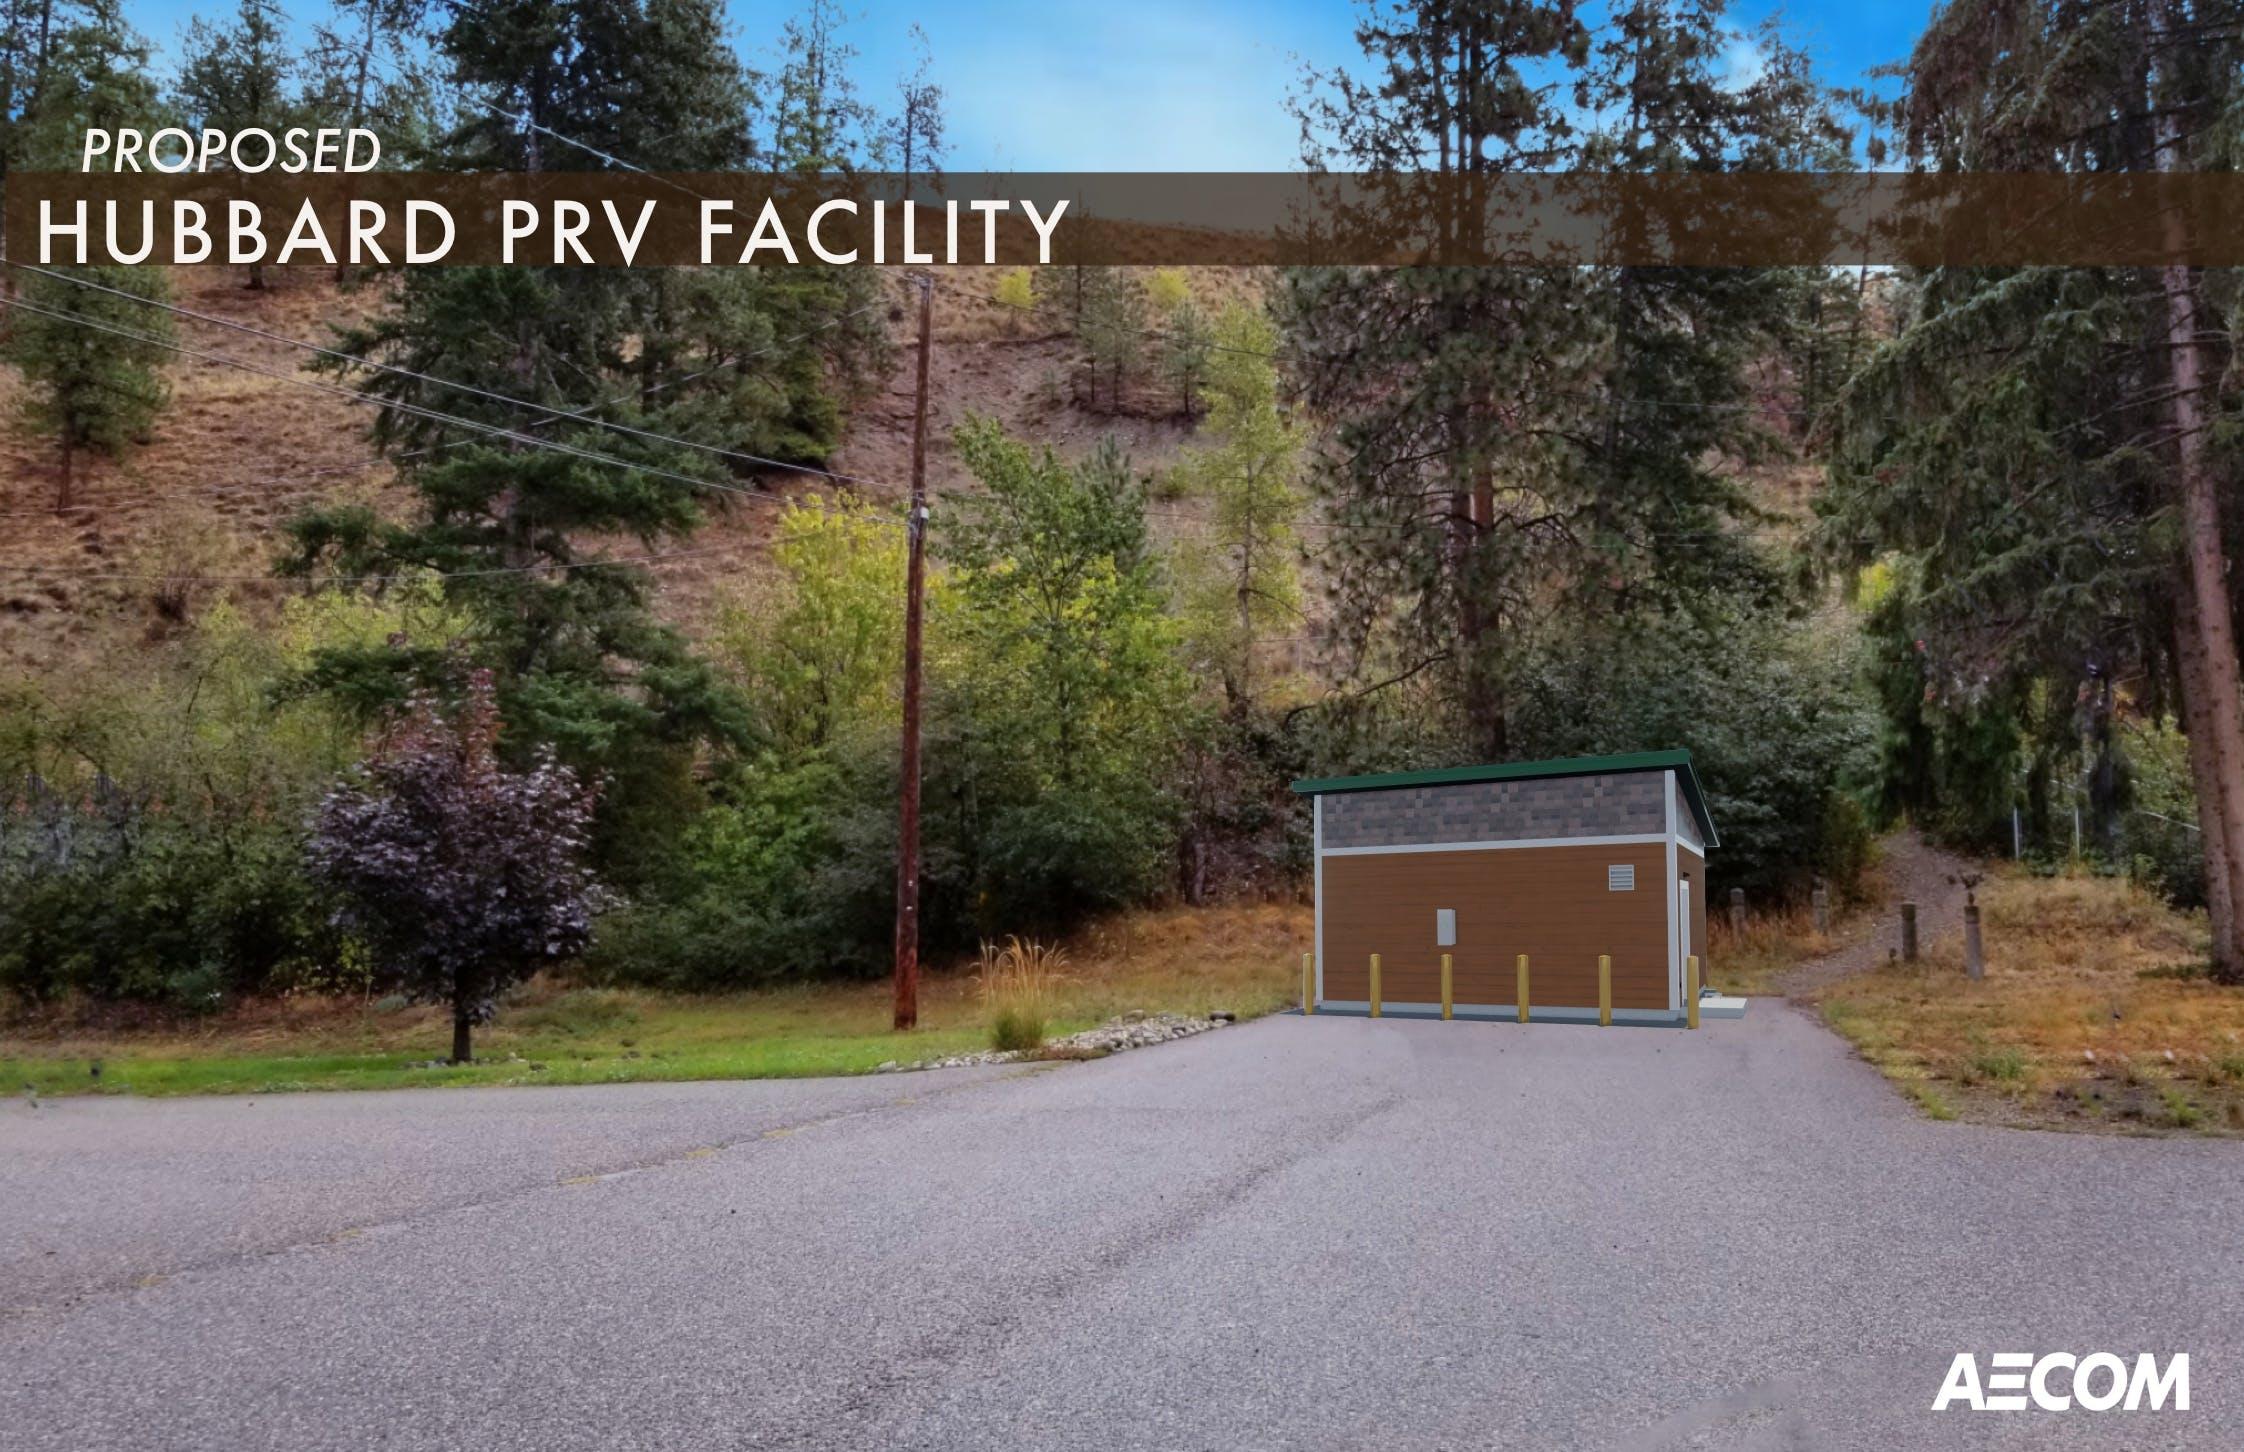 Hubbard PRV Rendering Exterior_View.jpg